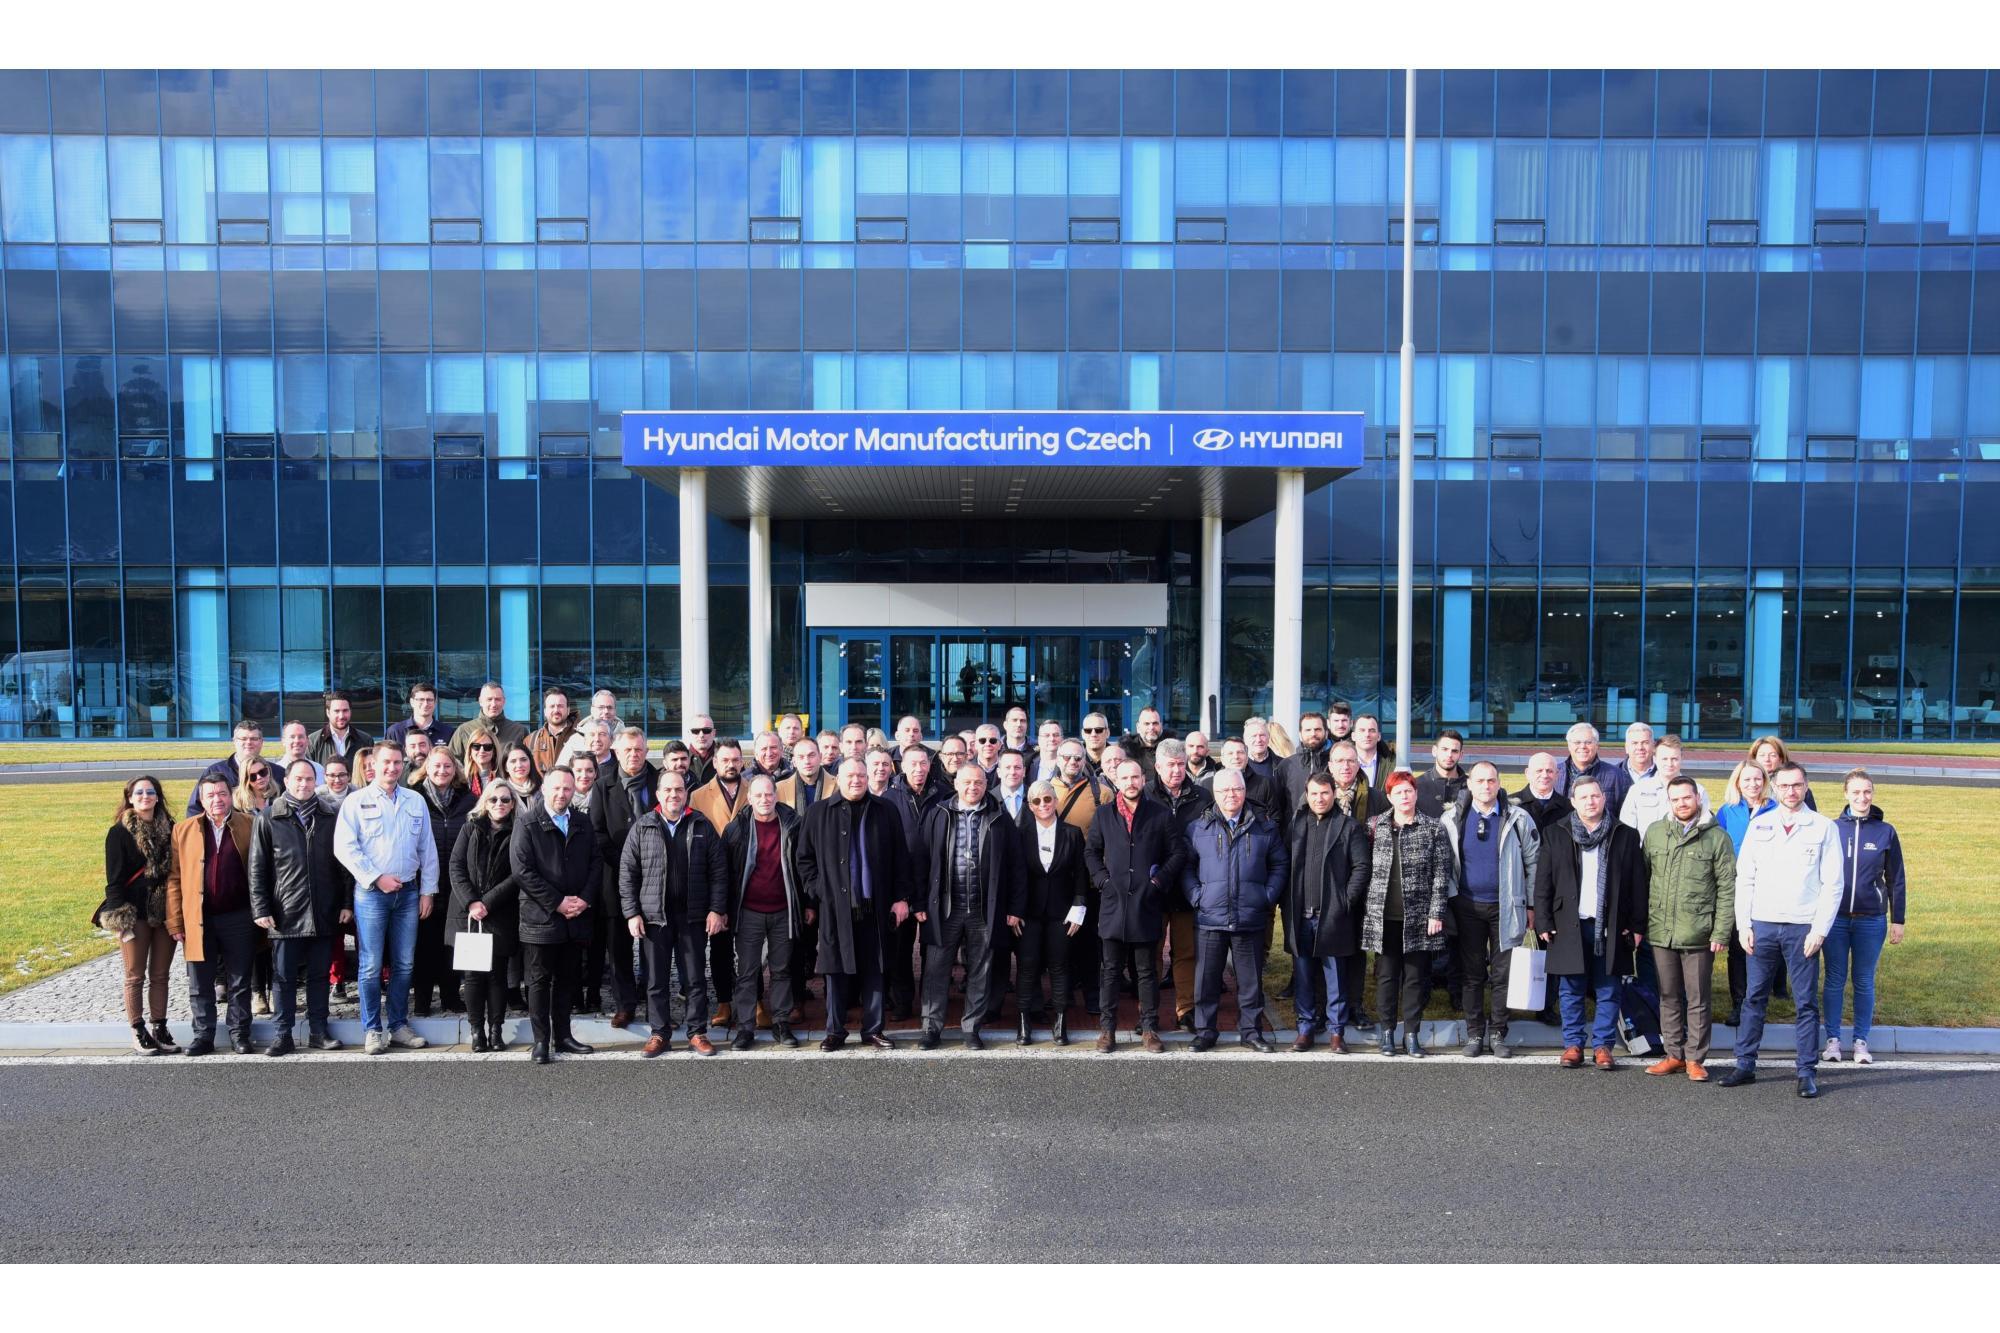 Ετήσιο Συνέδριο Δικτύου Hyundai 2020